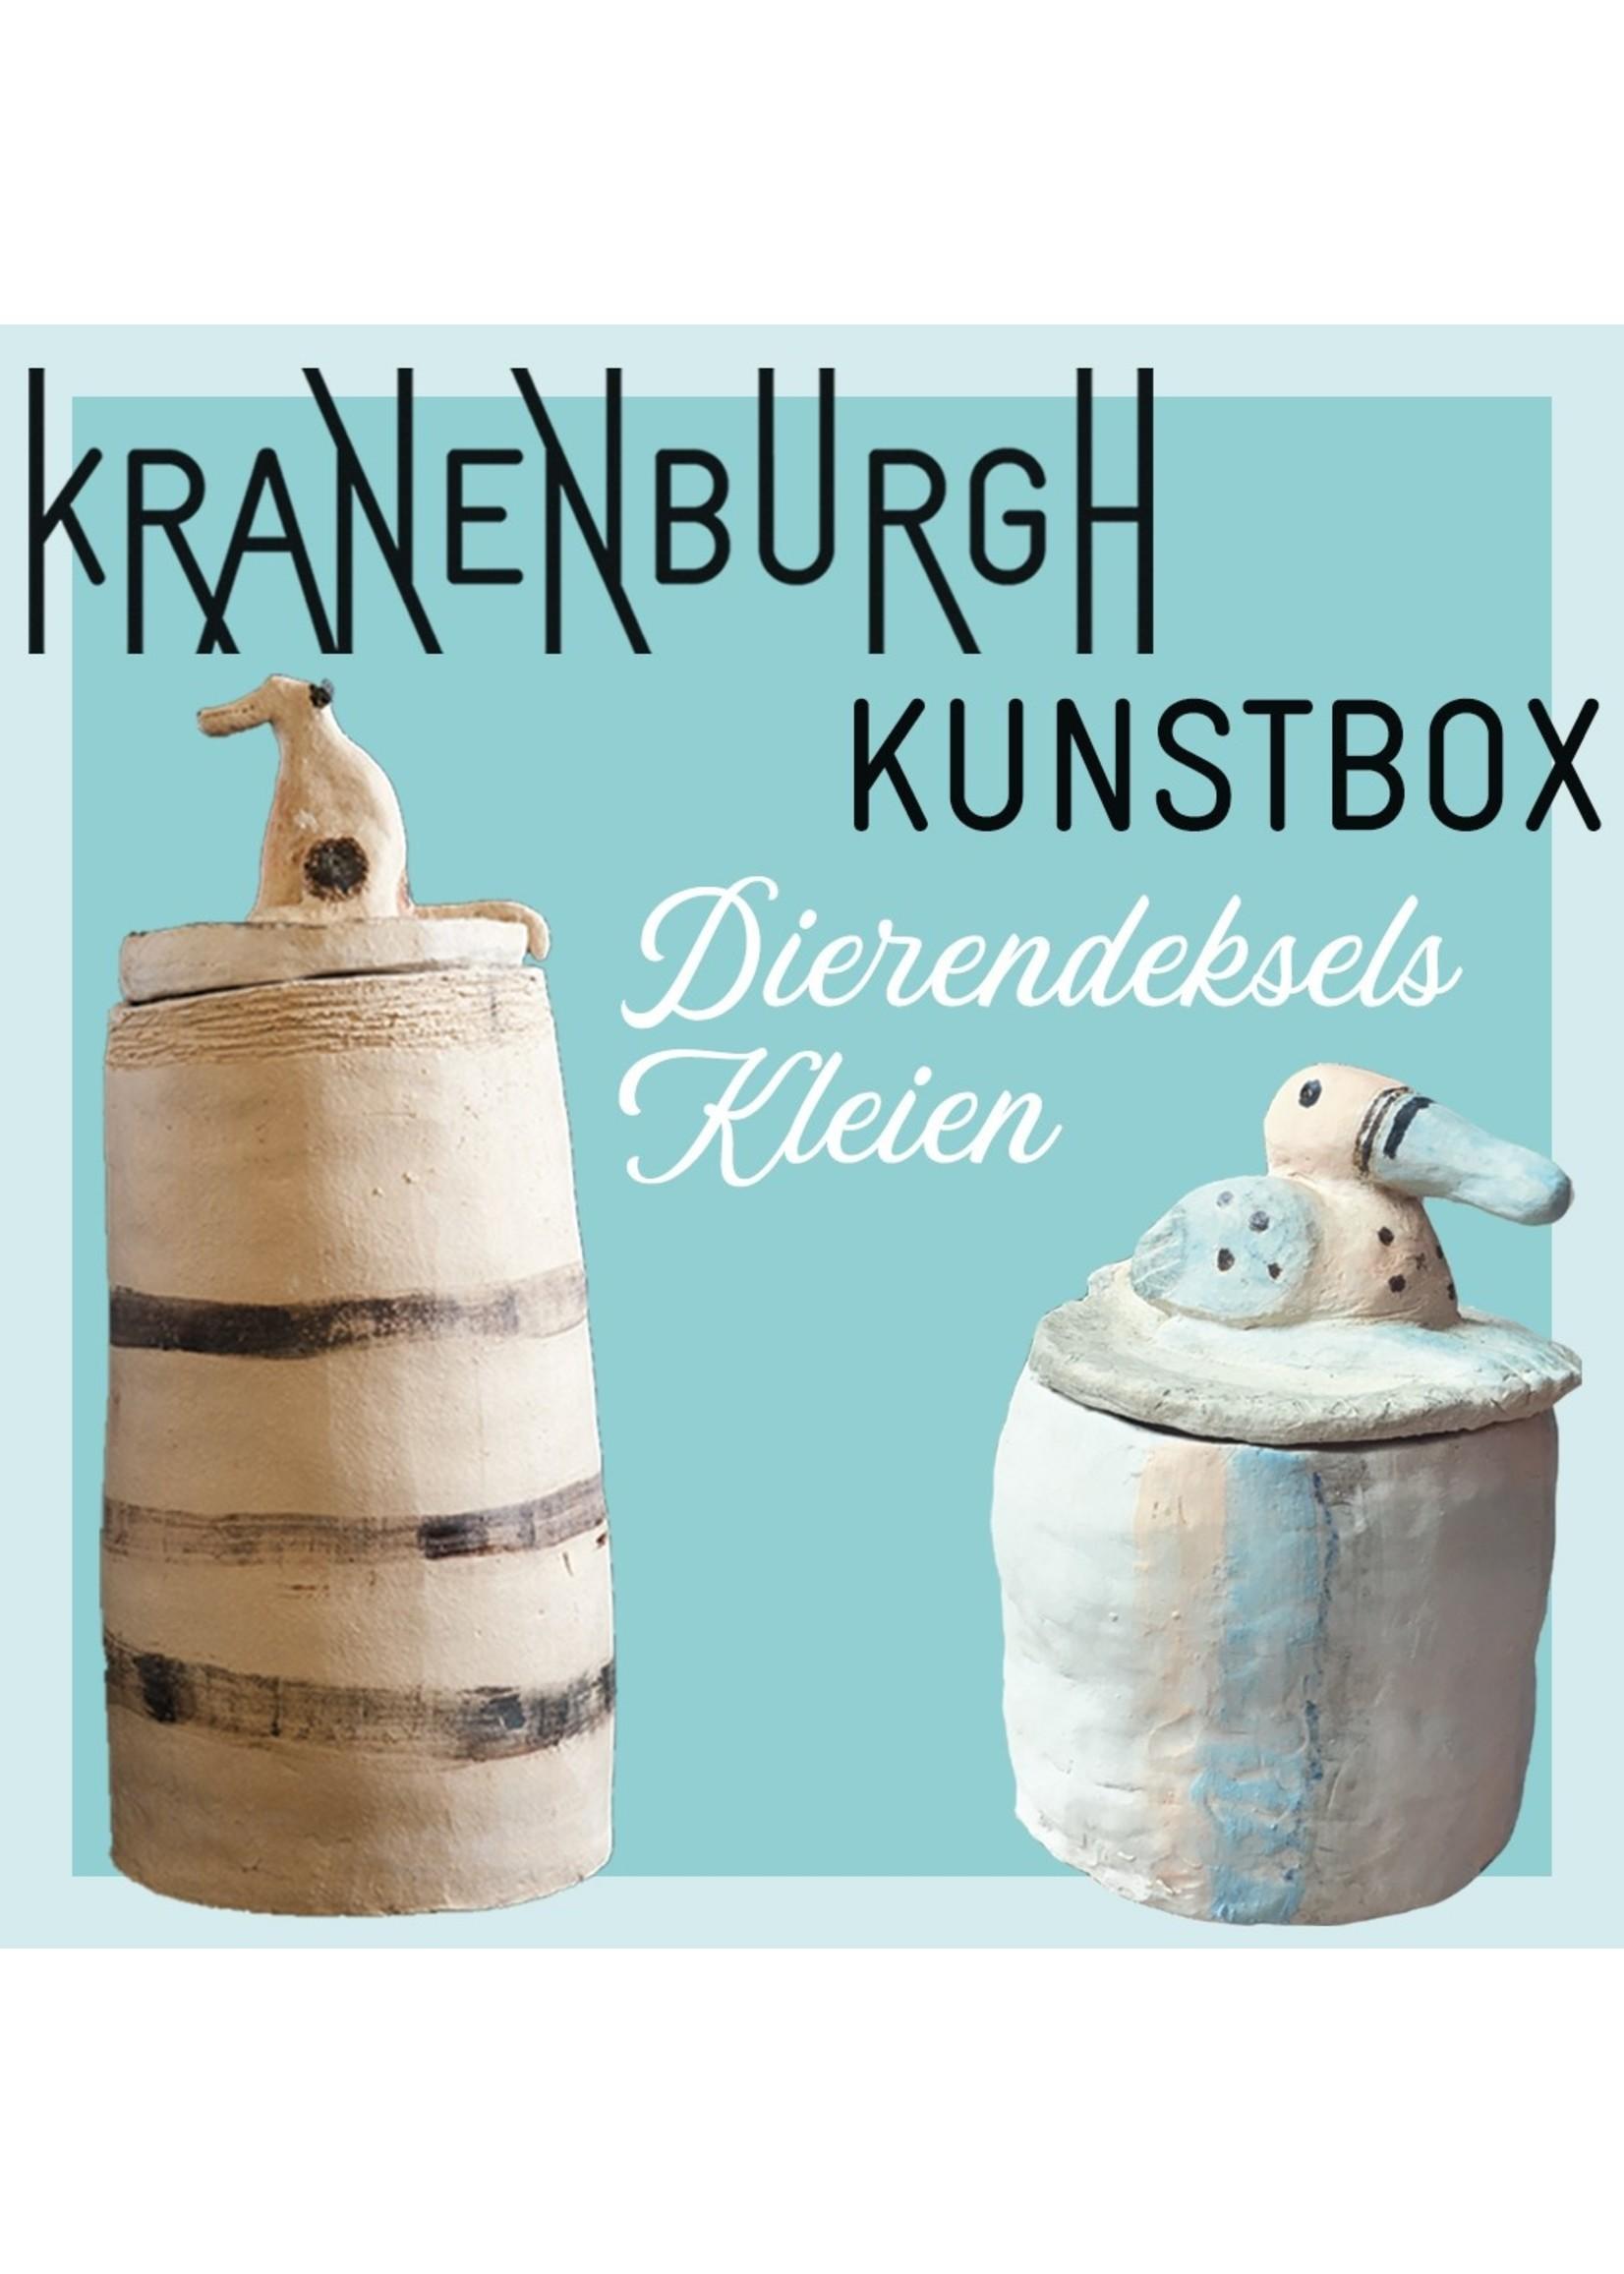 Kranenburgh Kunstbox: dierendeksels kleien